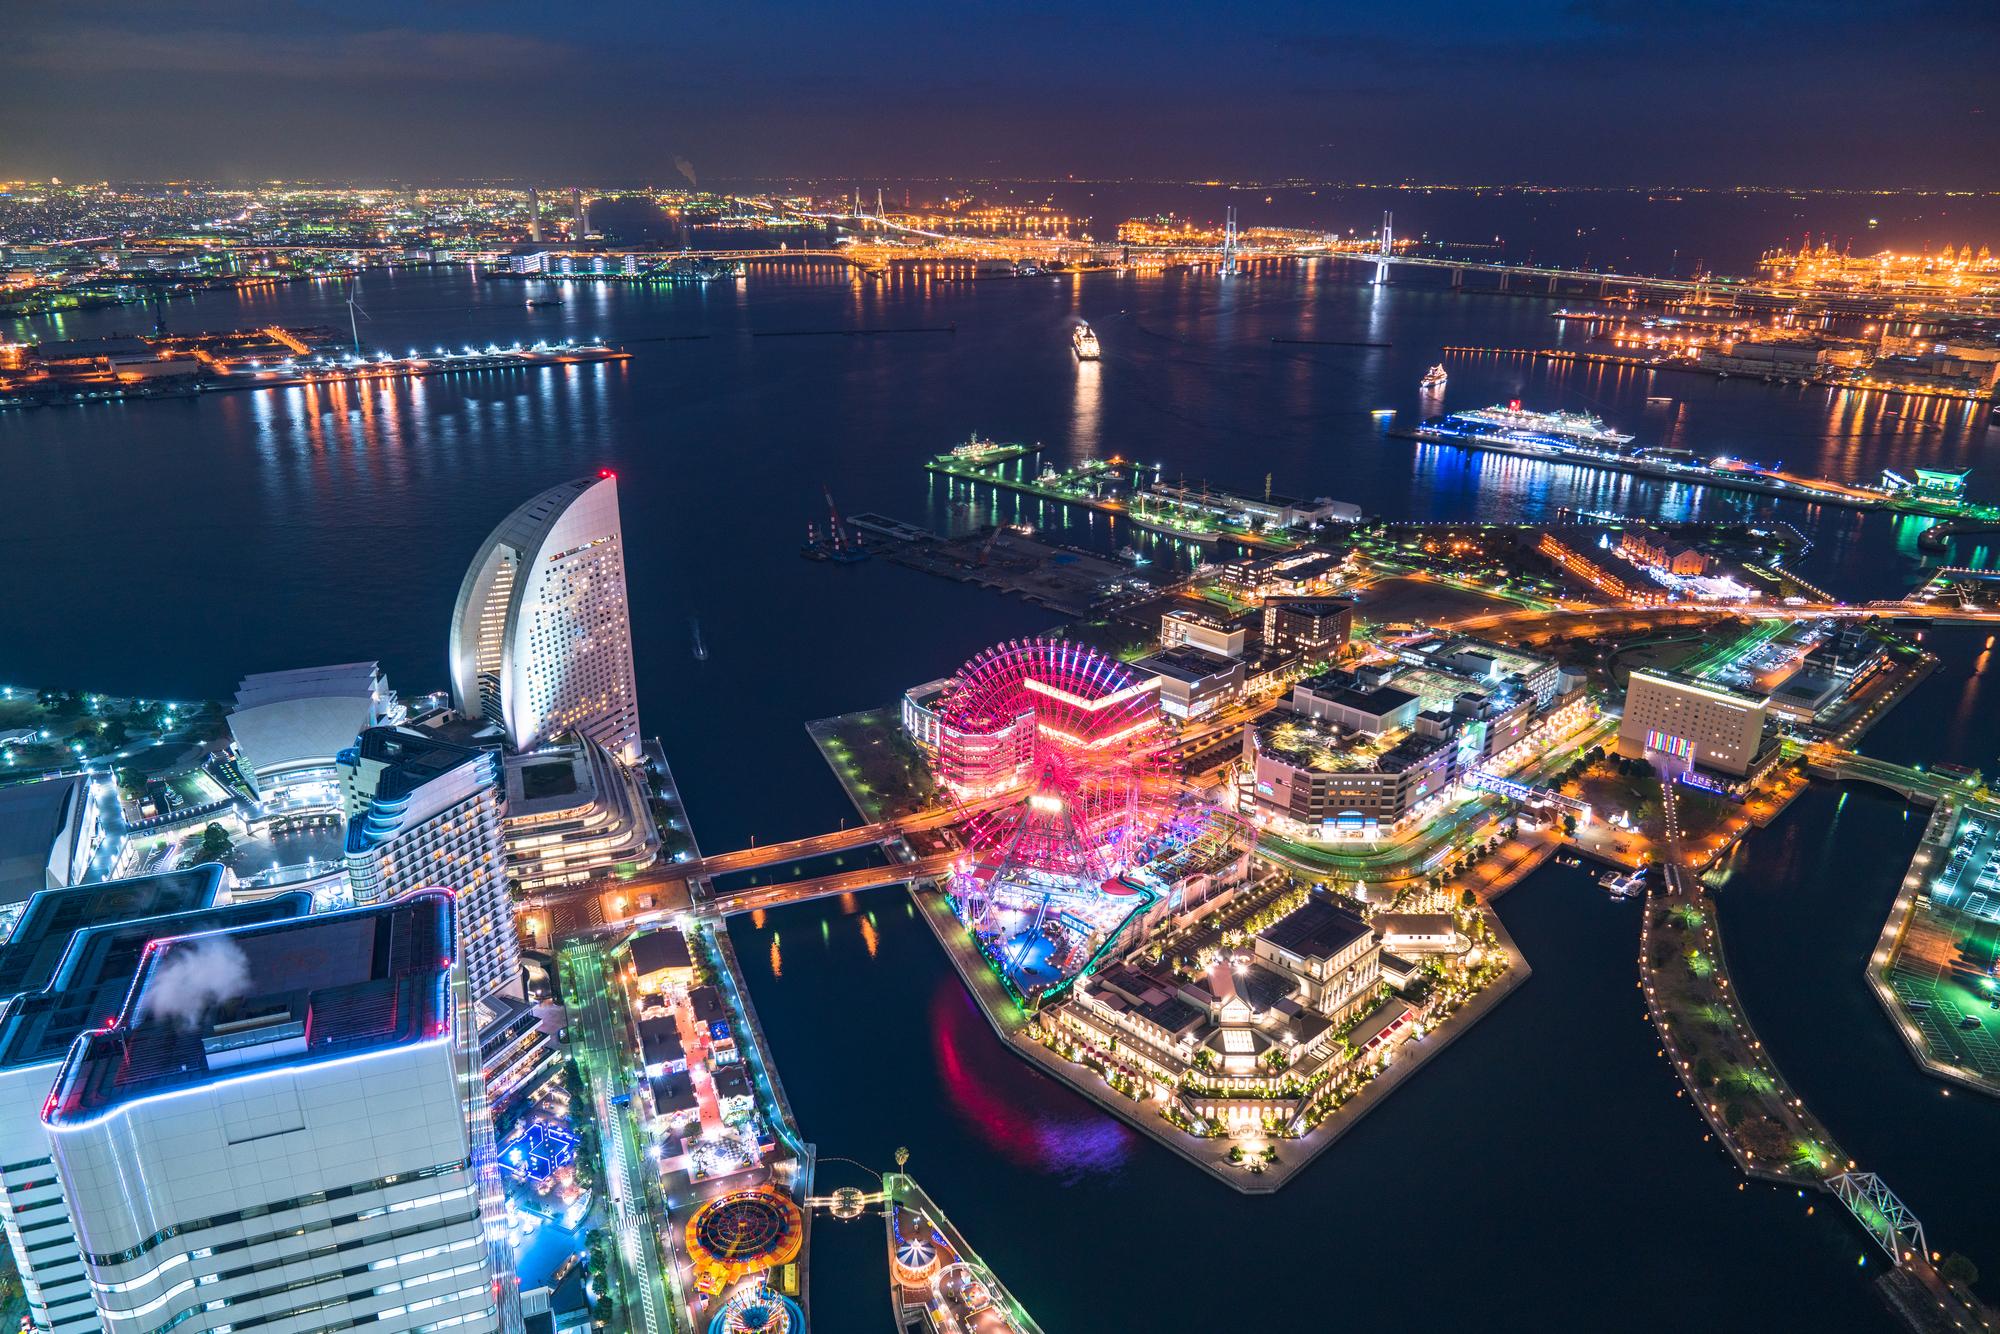 上空から見た横浜みなとみらいの夜景